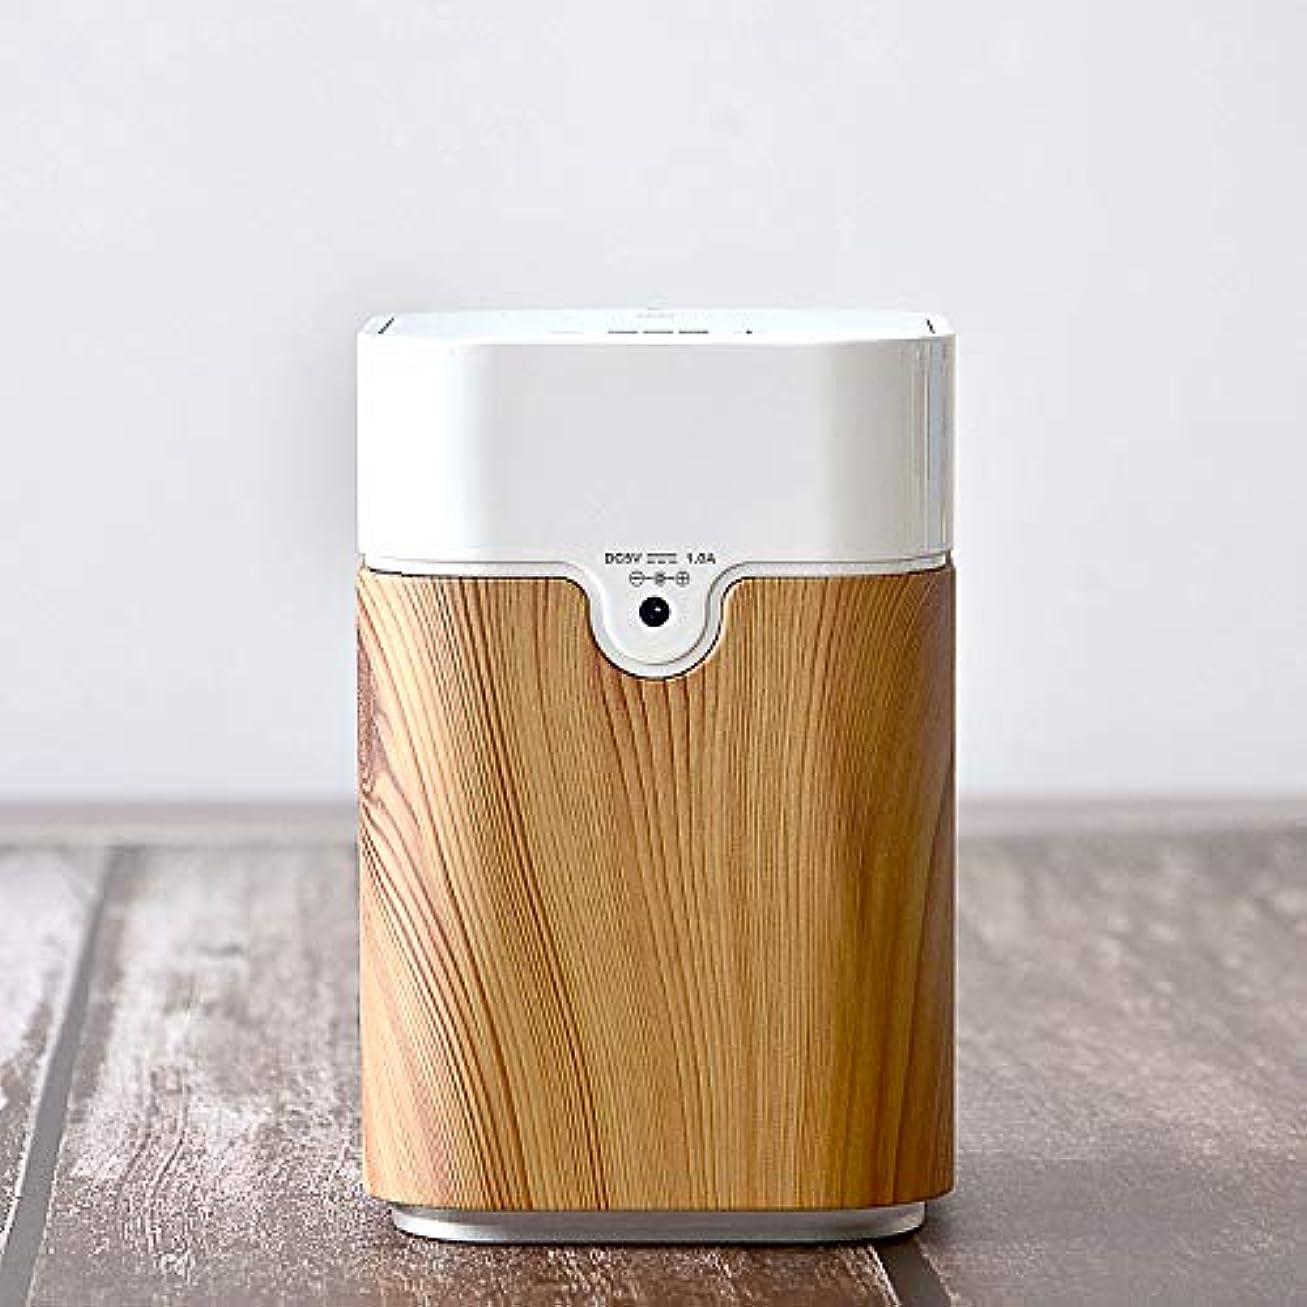 説得追跡好むエッセンシャルオイル拡散器USB充電機アロマディフューザー ヨガ室 整体院人気 タイマー機能 ネブライザー式 量調整可能 付き